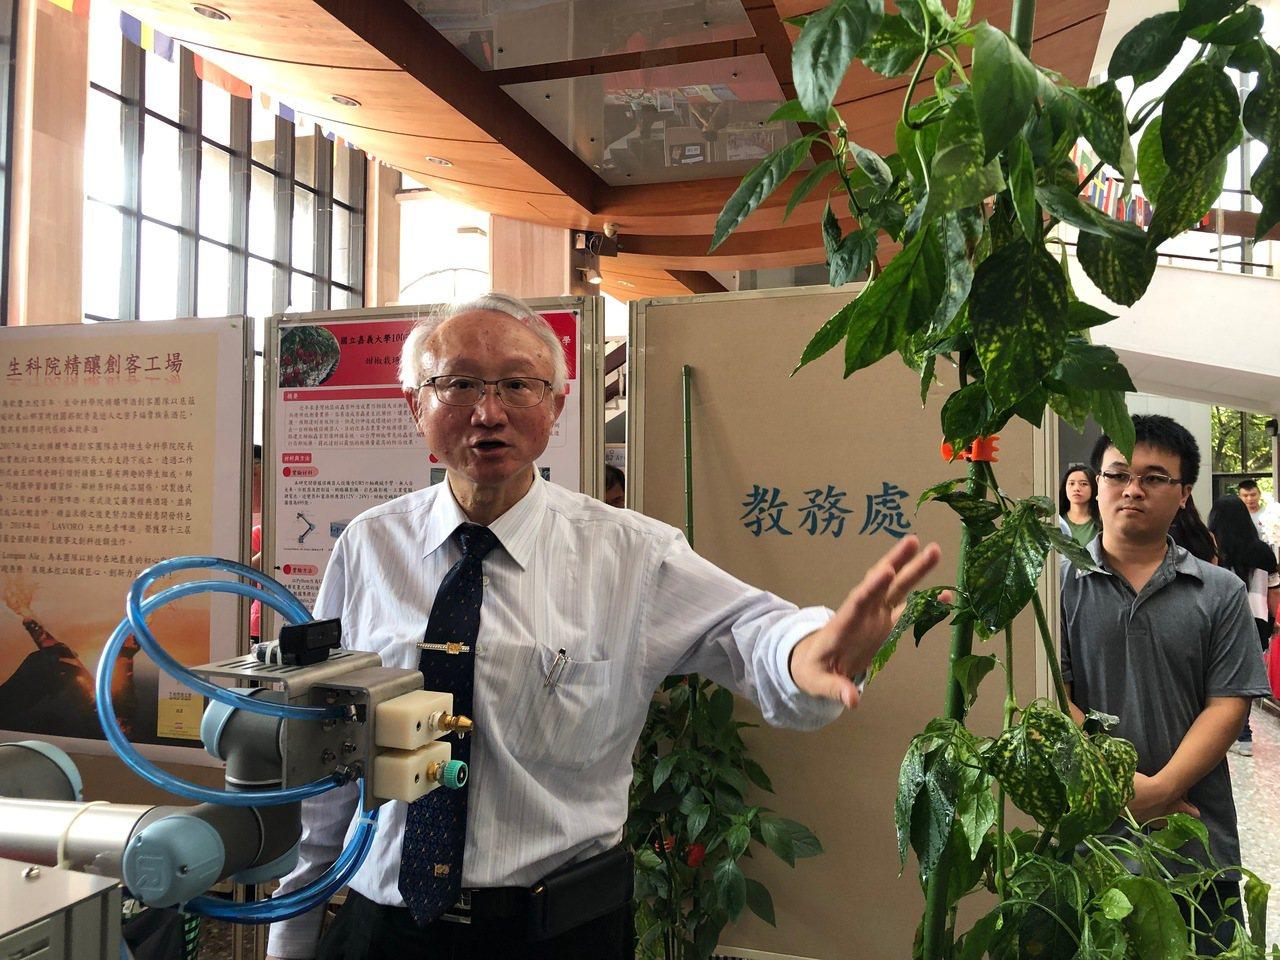 嘉義大學校長艾群帶領生機系學生,研發出甜椒栽培植保機器人。記者李承穎/攝影